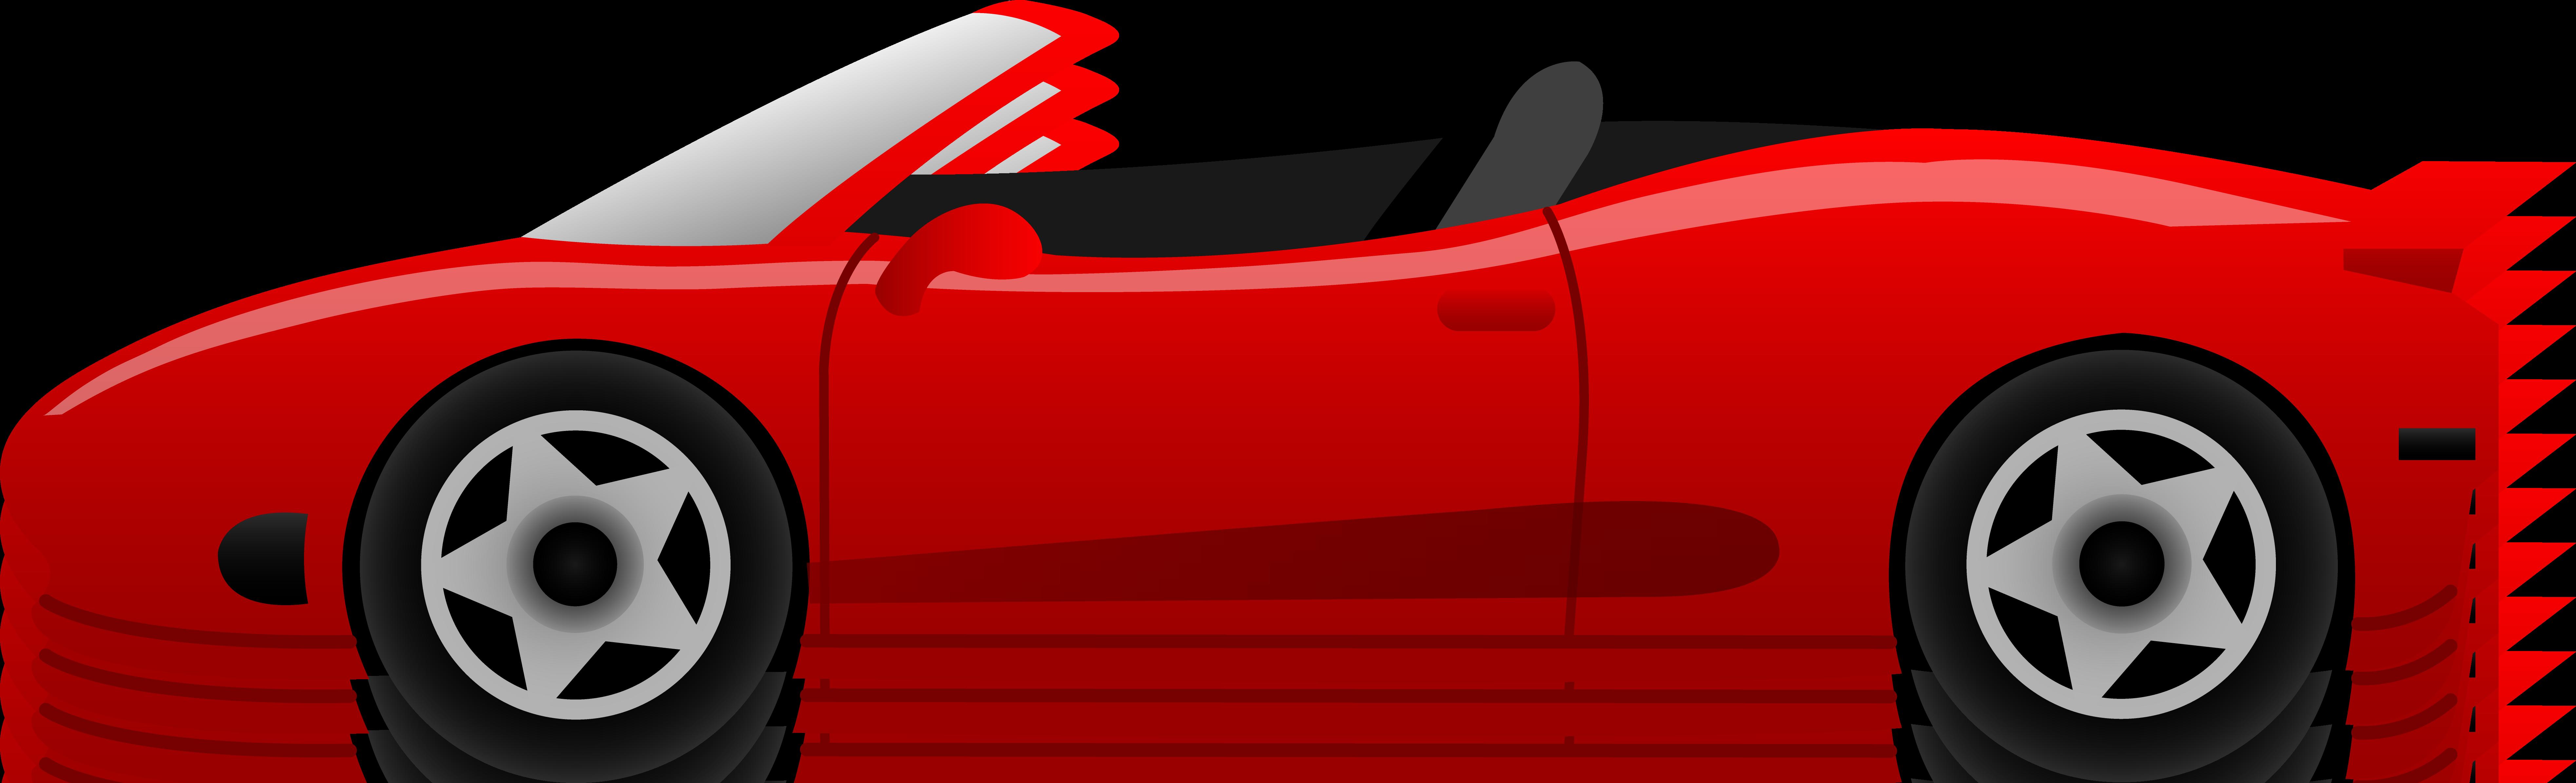 7863x2391 Cool Clipart Sports Car